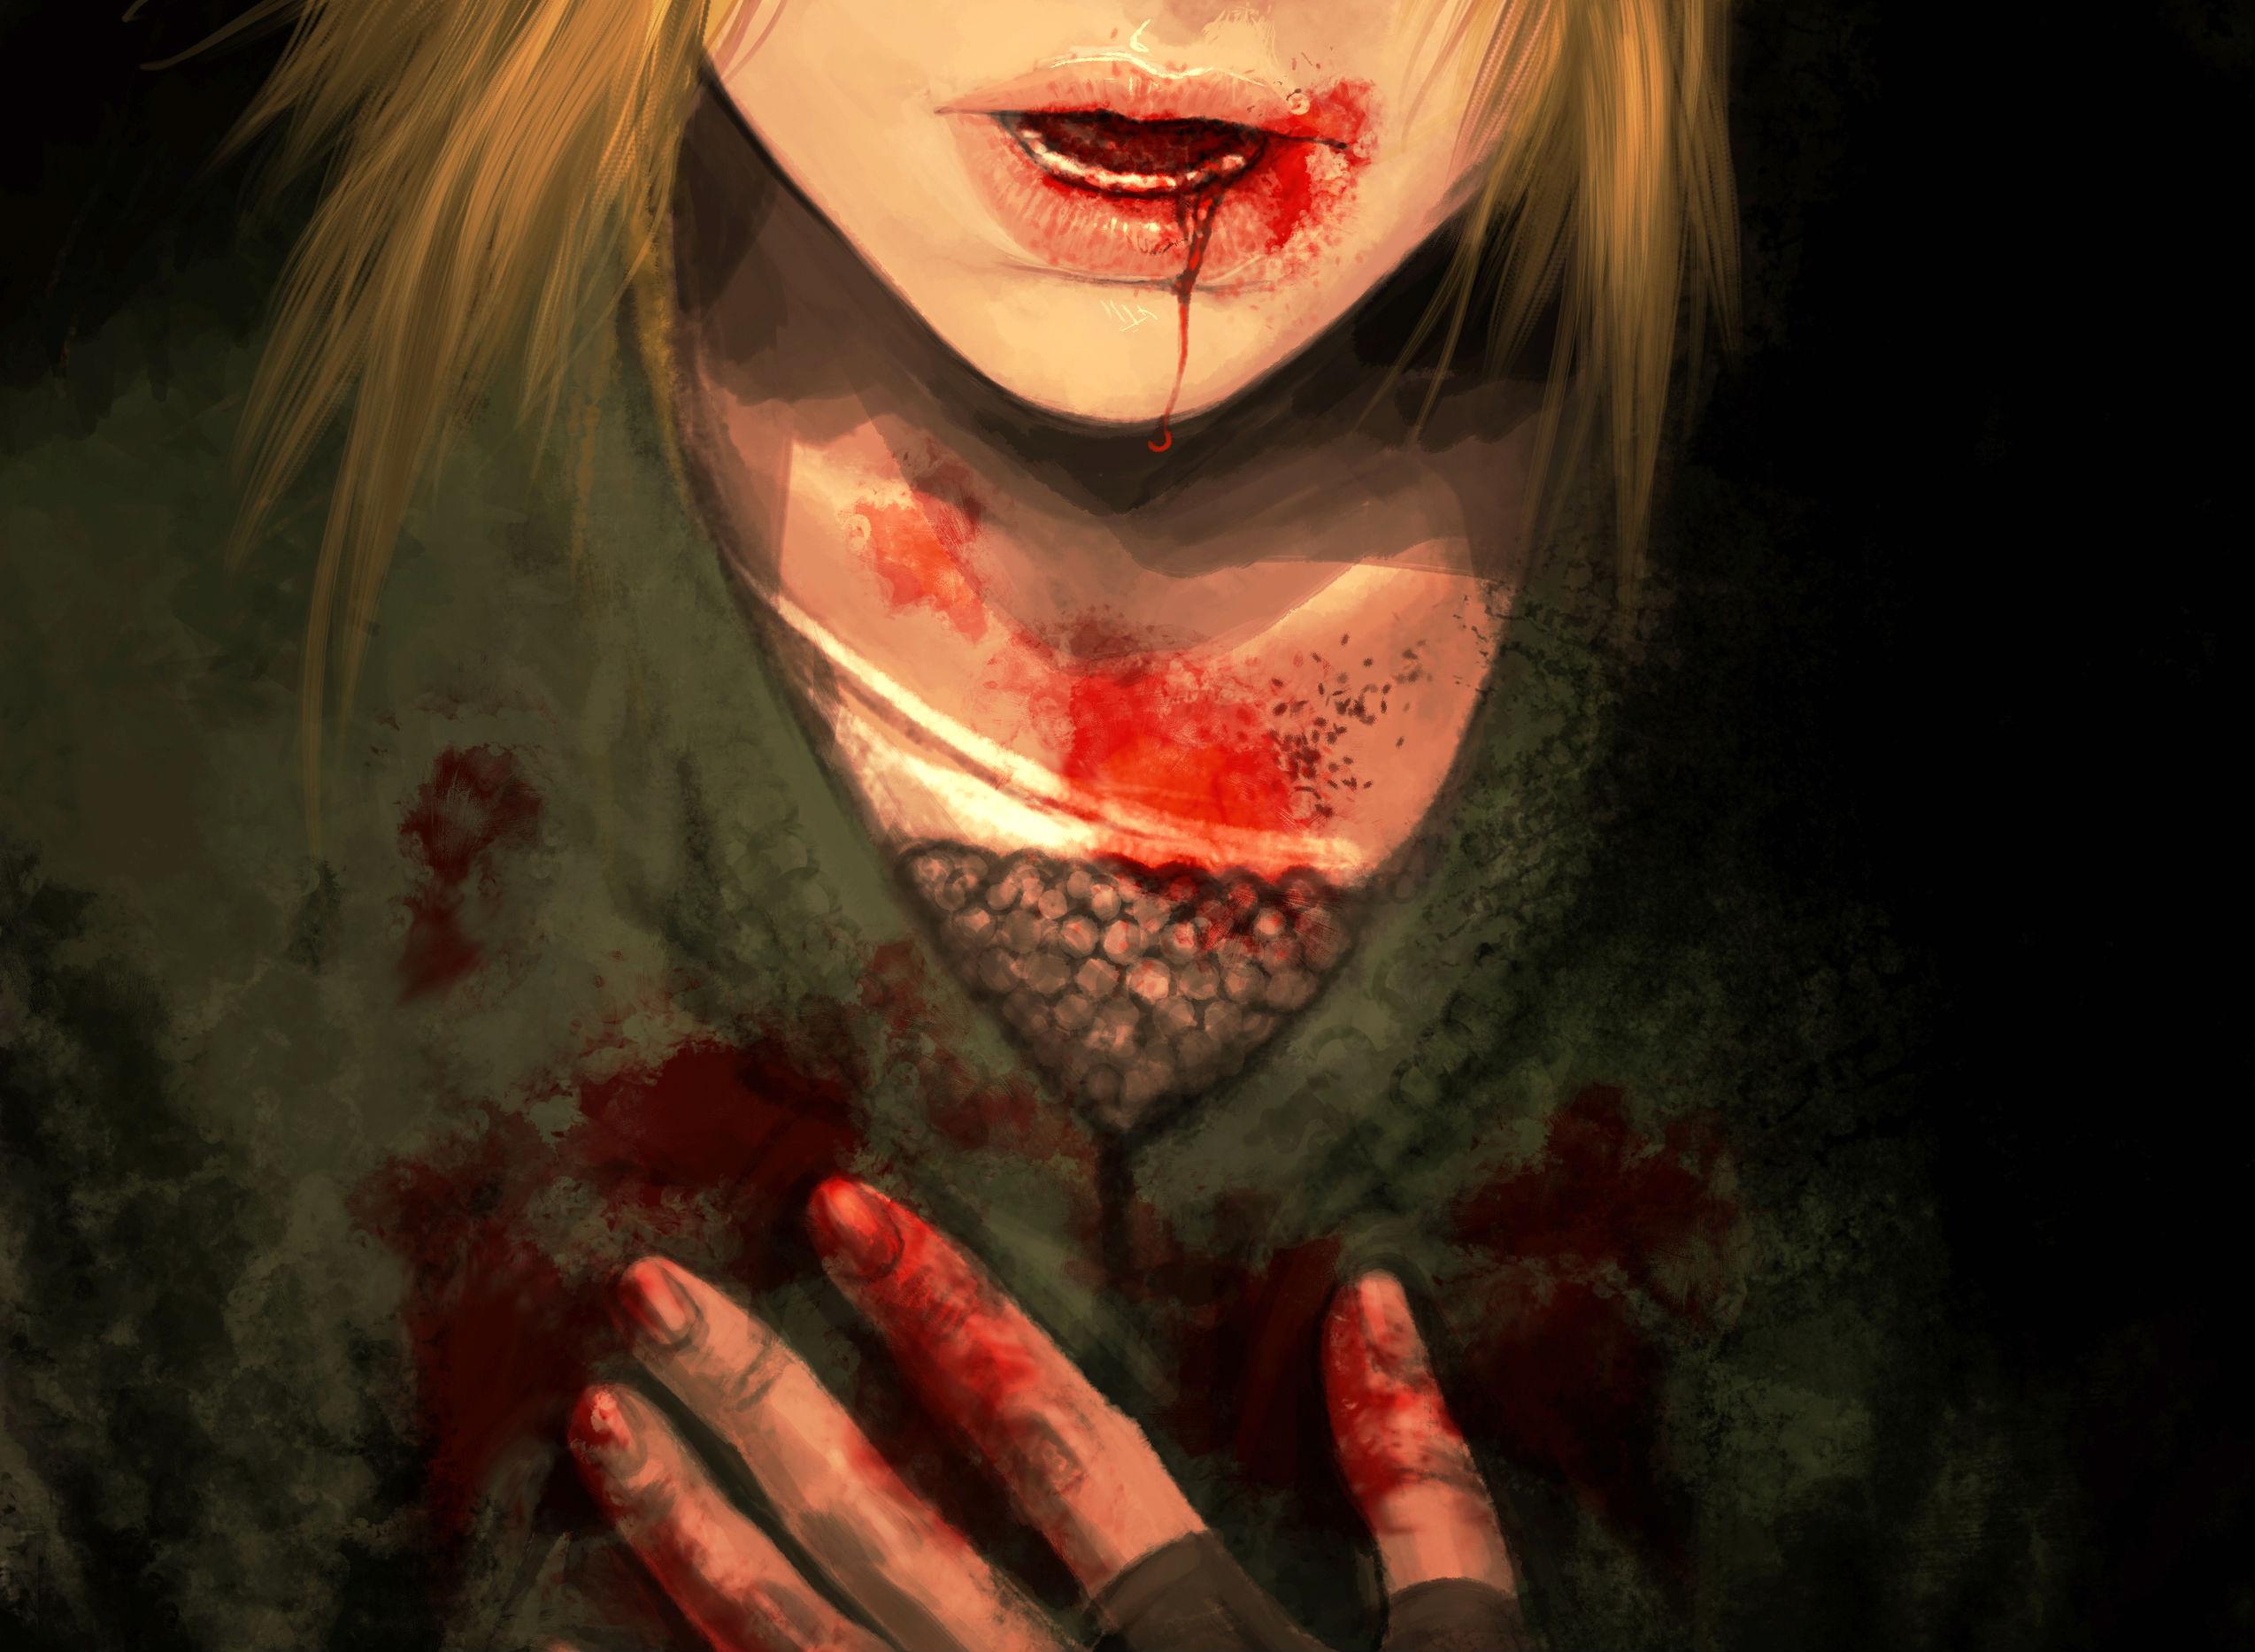 Naruto papel de parede hd plano de fundo 2548x1867 - Imagens em hd de animes ...